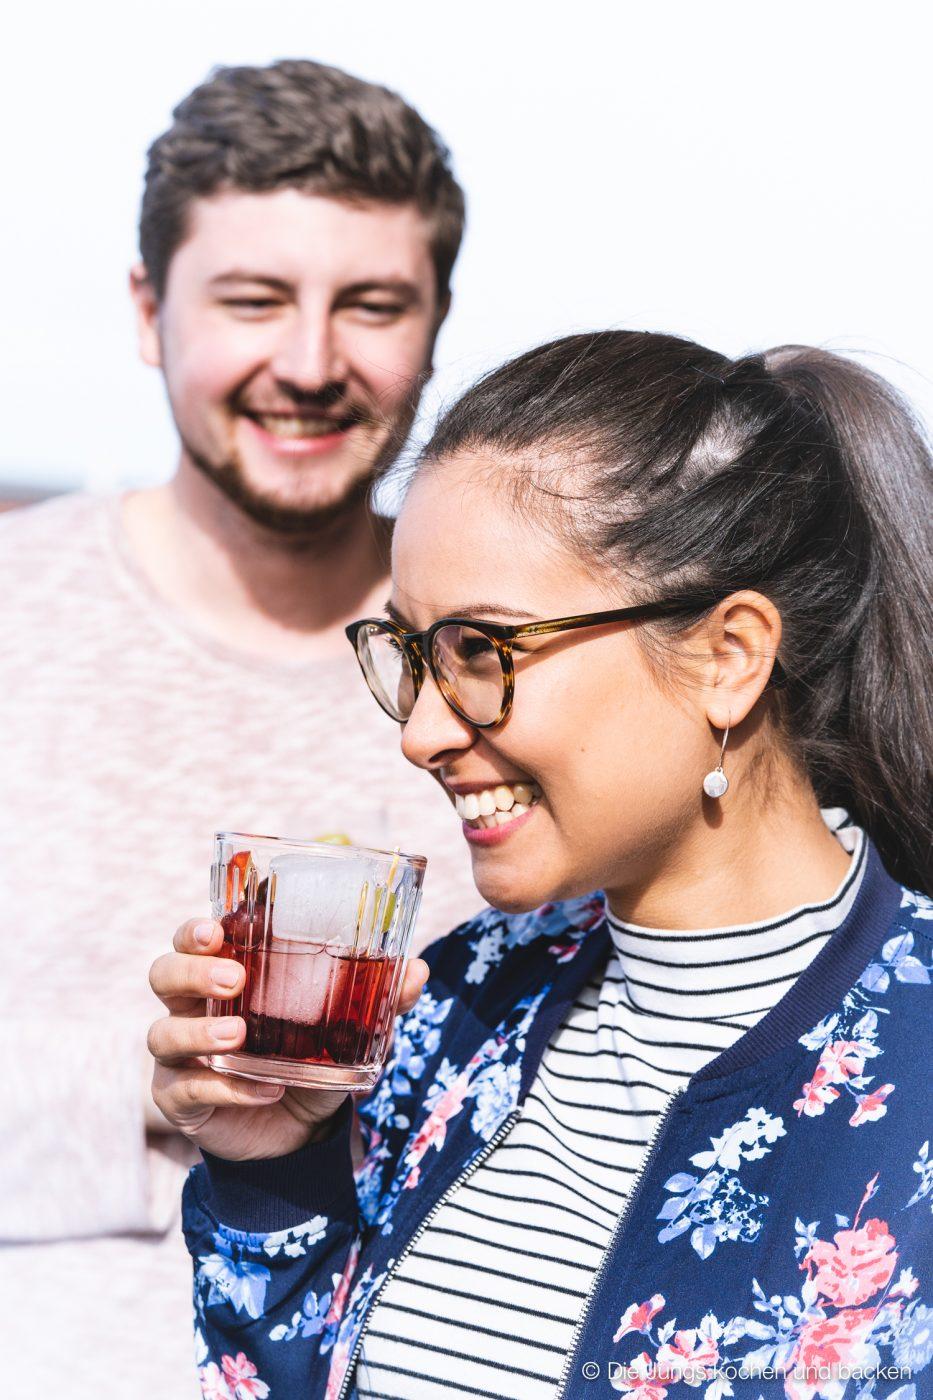 Bowle Saft 15 | Heute haben wir eine wunderbar fruchtige Bowle für euch dabei! Gerade an den warmen Tagen ist man doch für jede Abkühlung dankbar, oder? Aber warum irgendetwas trinken?! Eine erfrischende, alkoholfreie Bowle bringt euch perfekt durch den Tag. Deswegen solltet ihr unbedingt unsere Apfel-Trauben-Bowle mit Ginger Ale und Holunderbeere probieren.